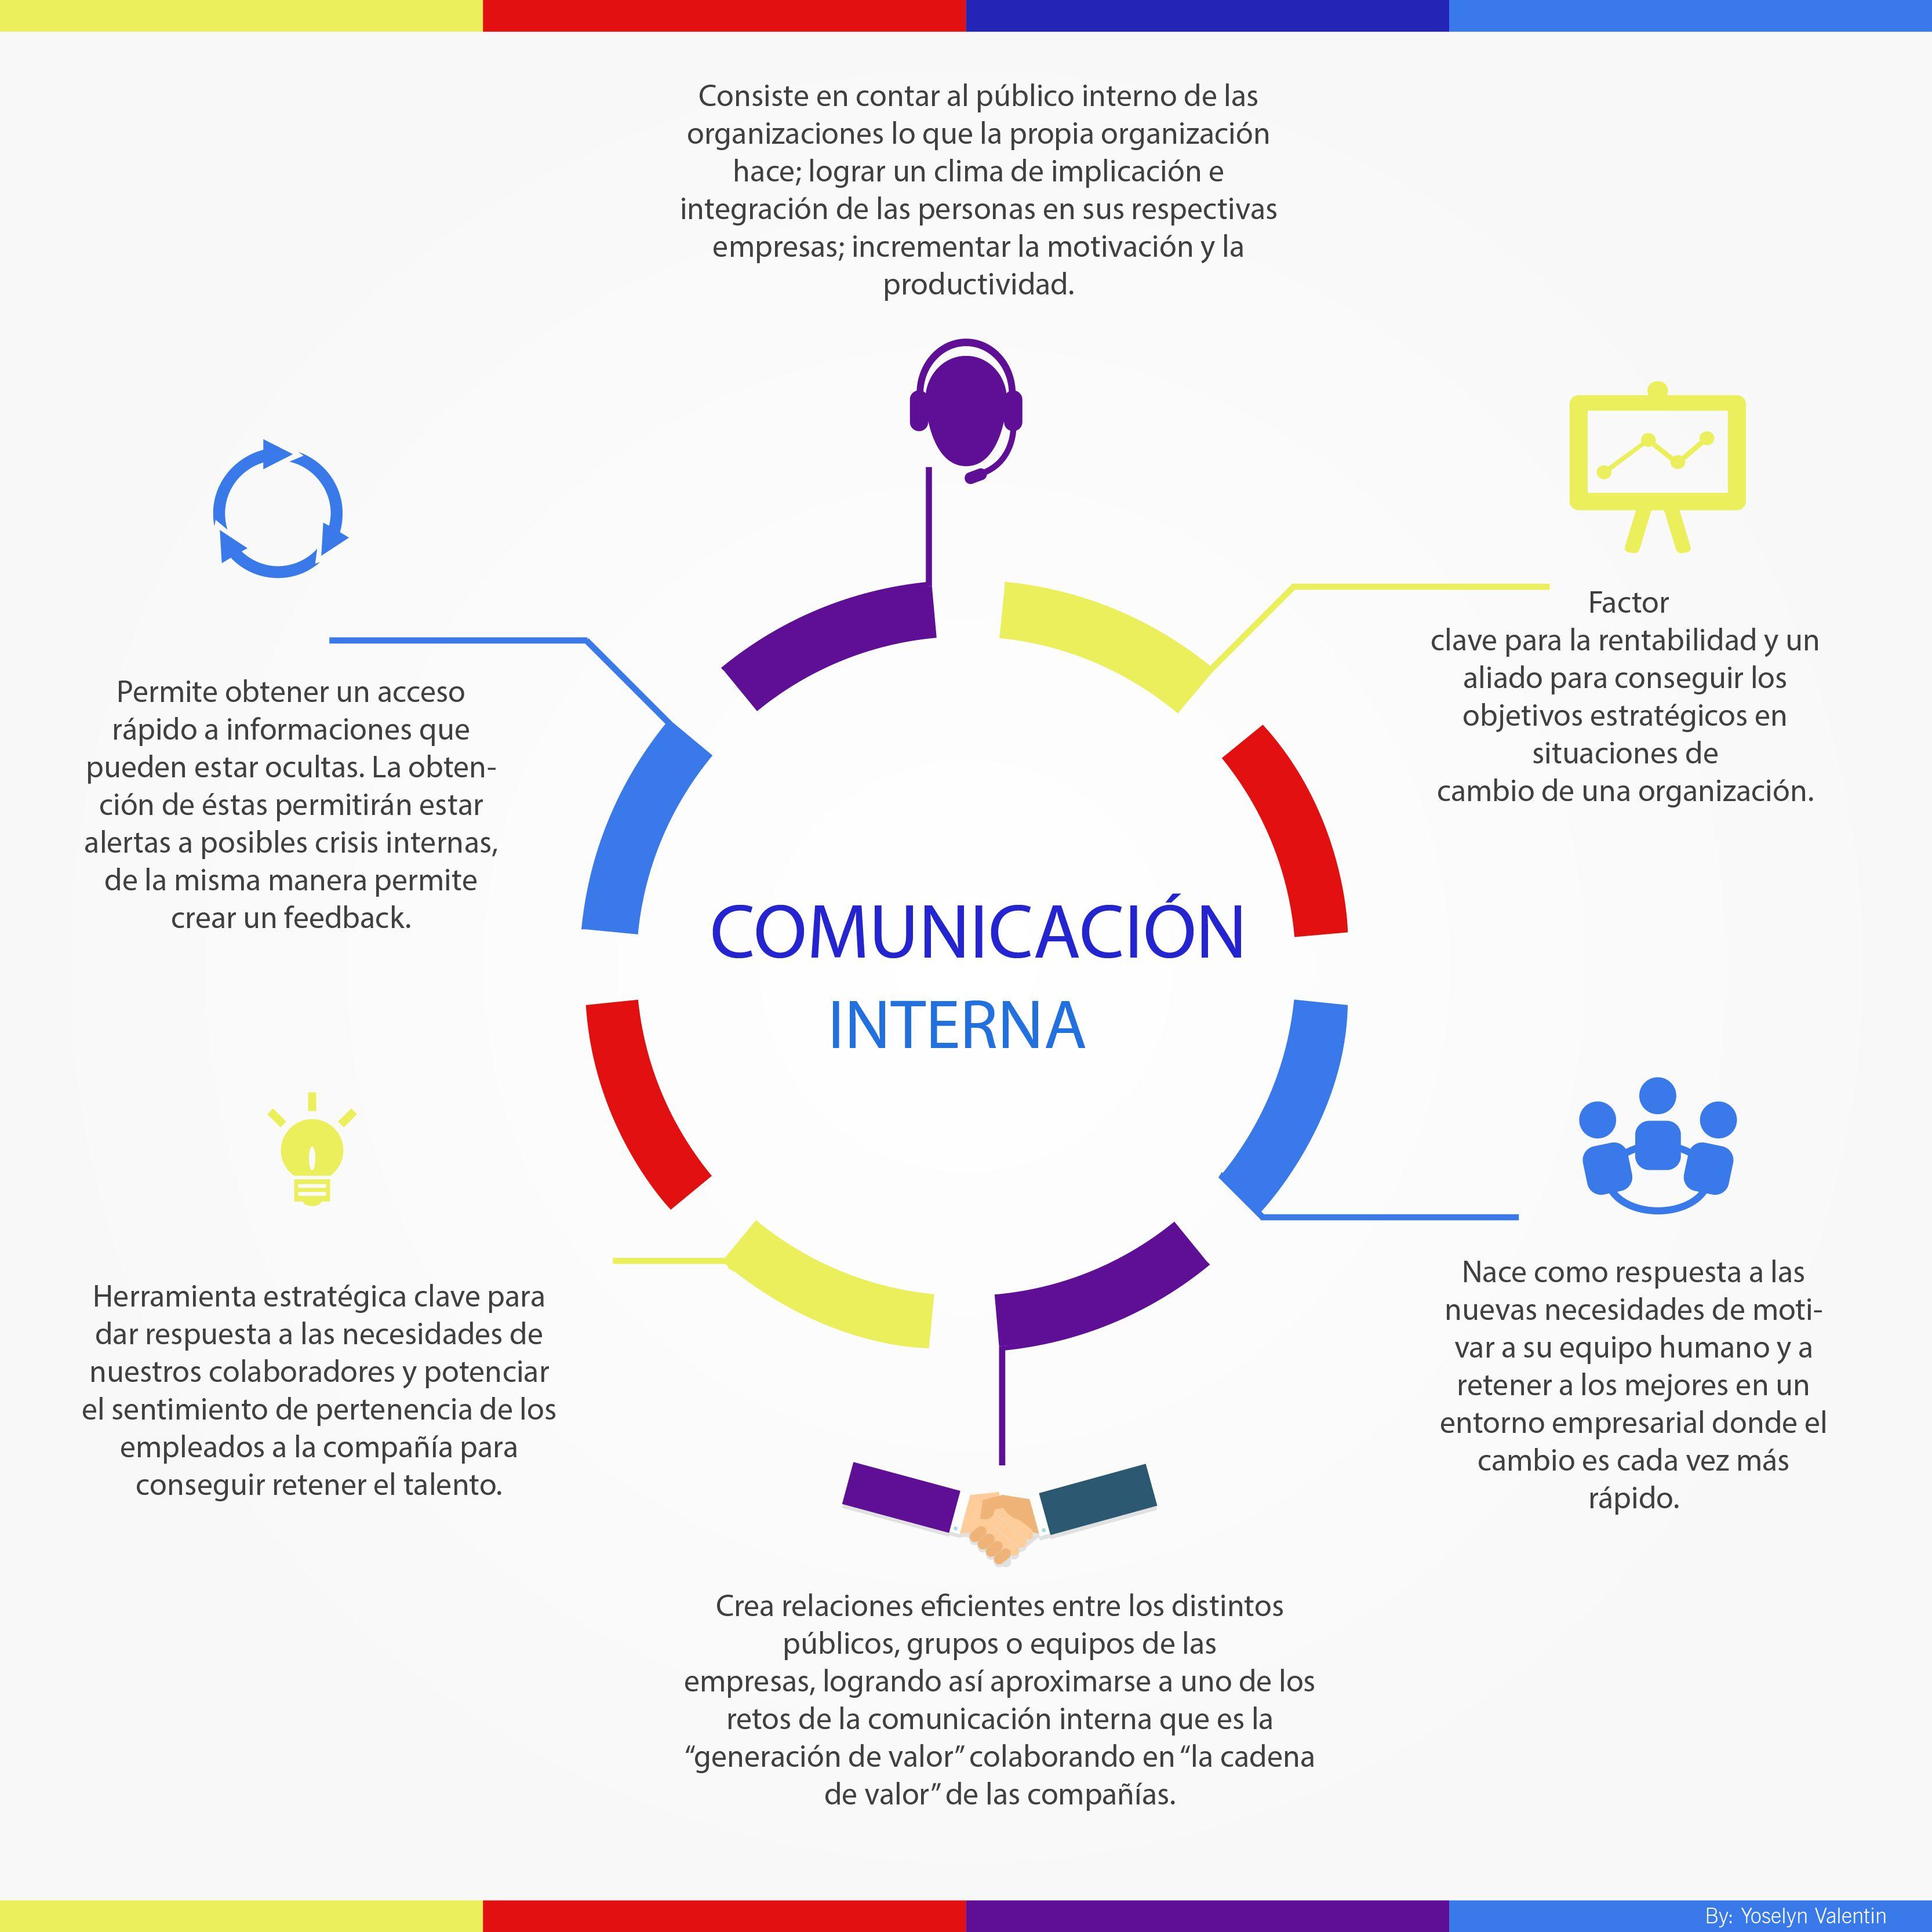 INFOGRAFÍA SOBRE COMUNICACIÓN INTERNA. @infografias